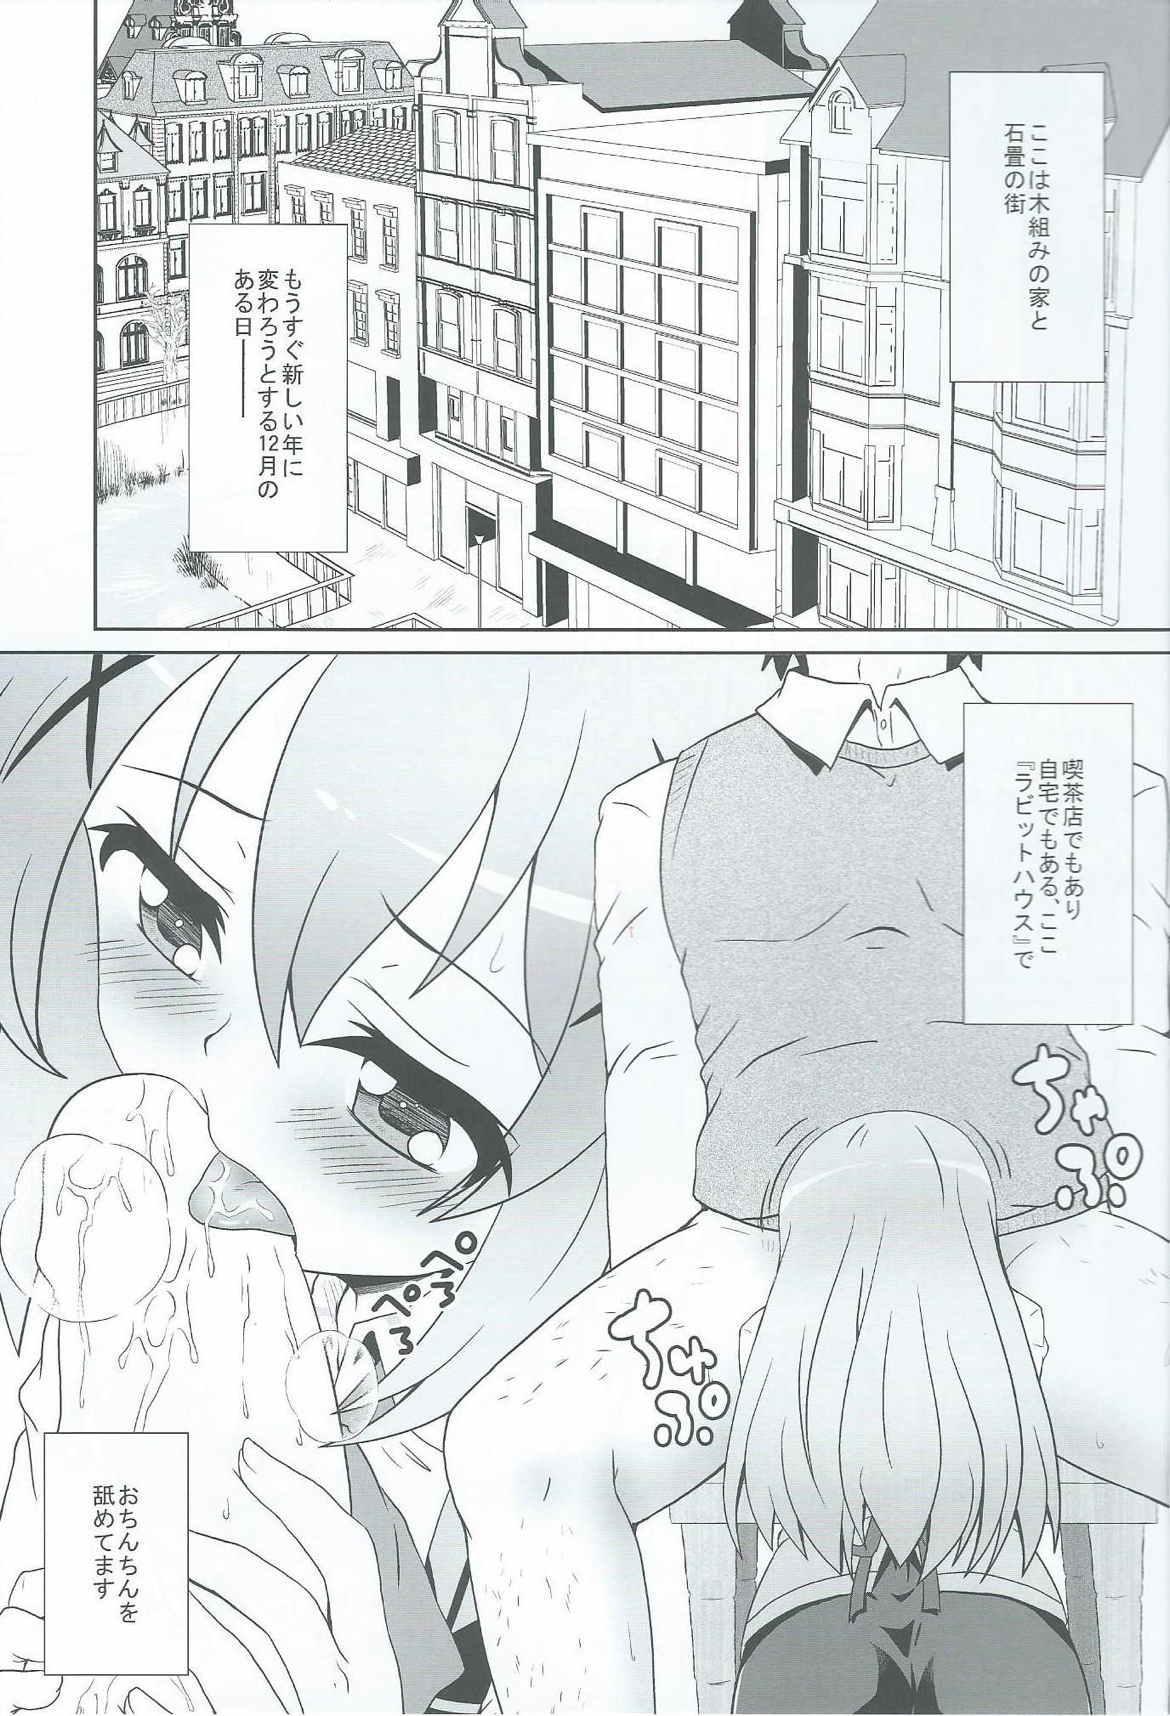 Gochuumontte Watashi desu ka!? 4